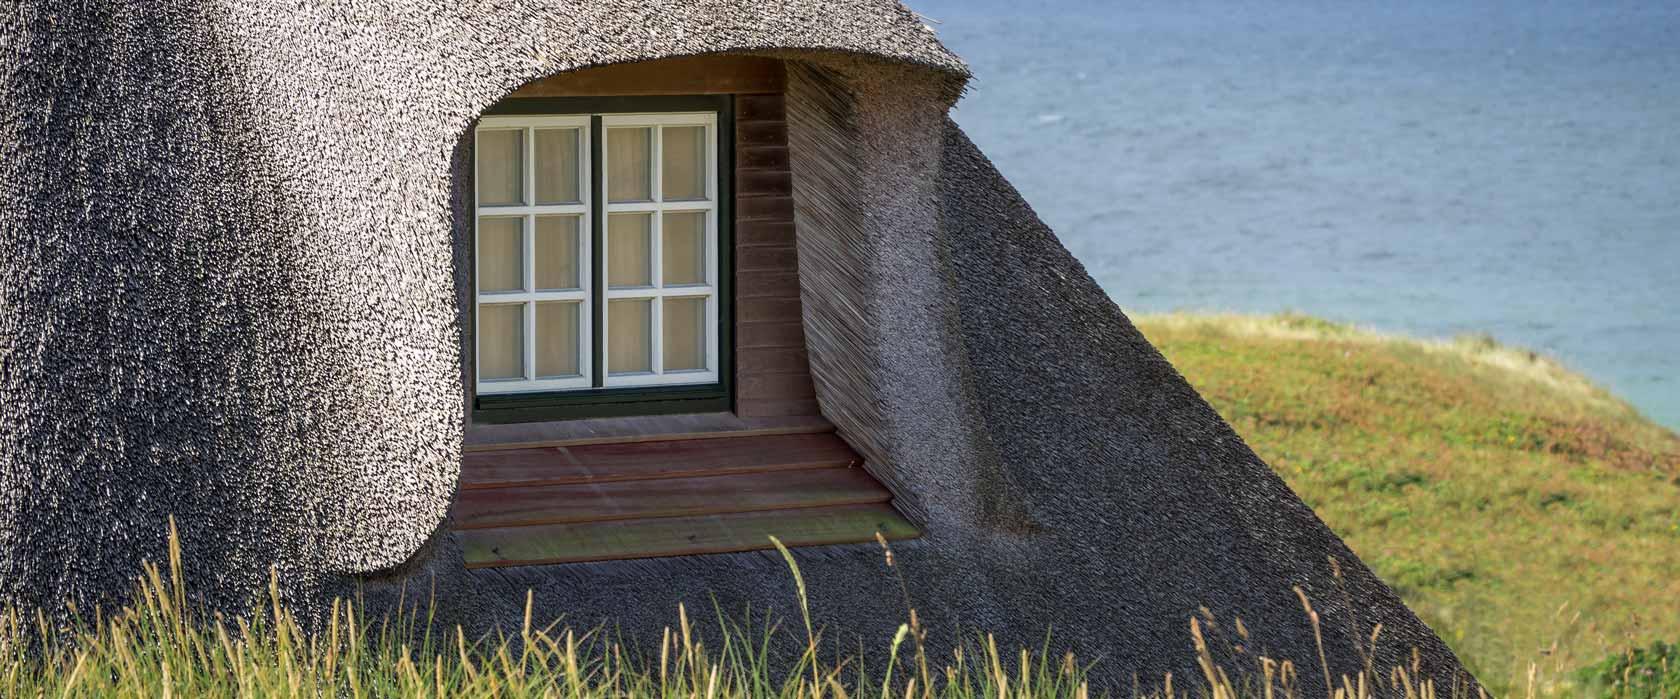 sanierung mehrfamilienhaus gliesmarode wohnen werte braunschweig. Black Bedroom Furniture Sets. Home Design Ideas